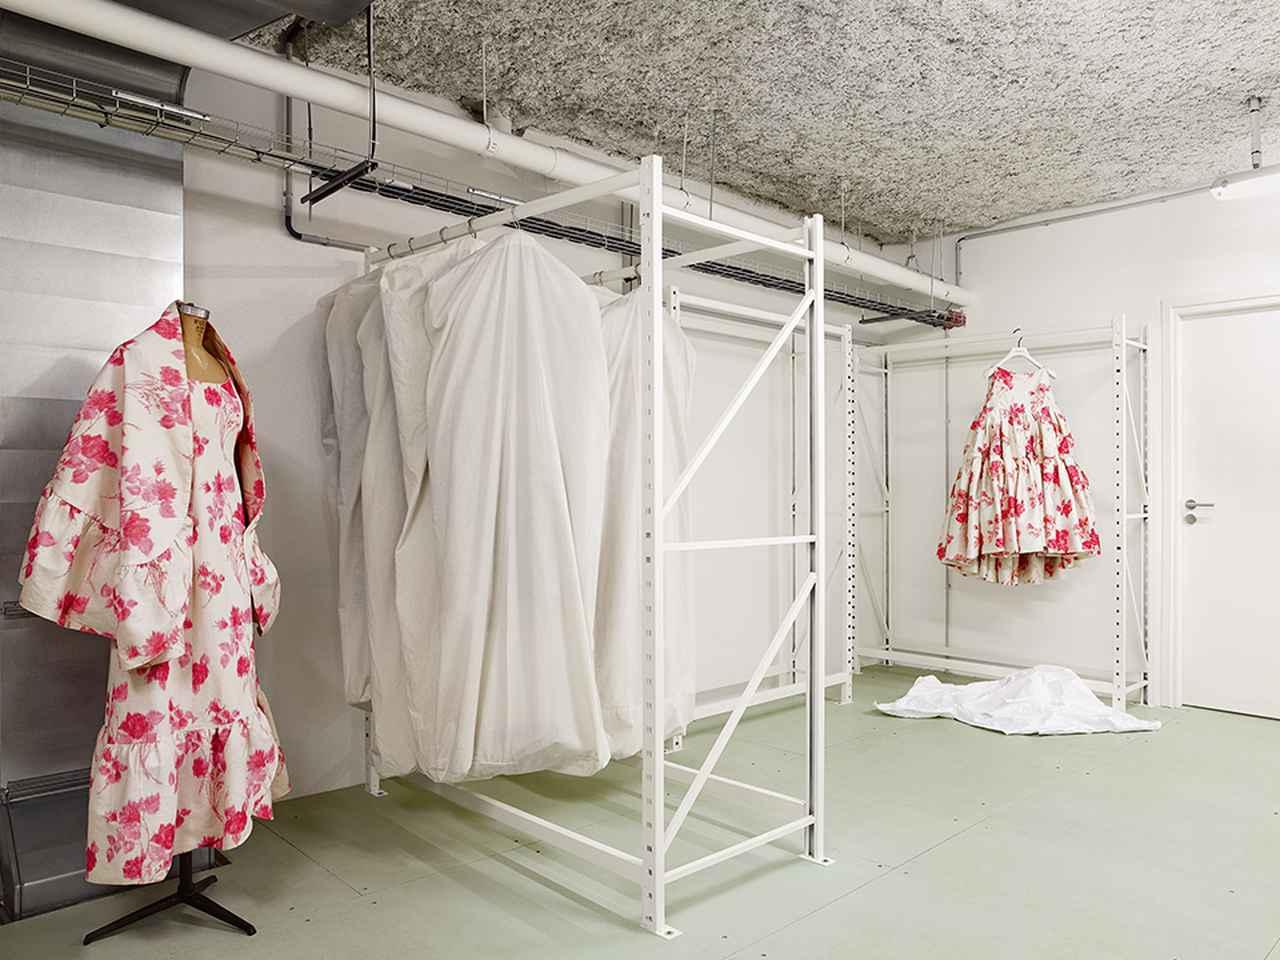 Images : 1番目の画像 - 「ファッションは 温故知新か、革新か―― <前編>」のアルバム - T JAPAN:The New York Times Style Magazine 公式サイト